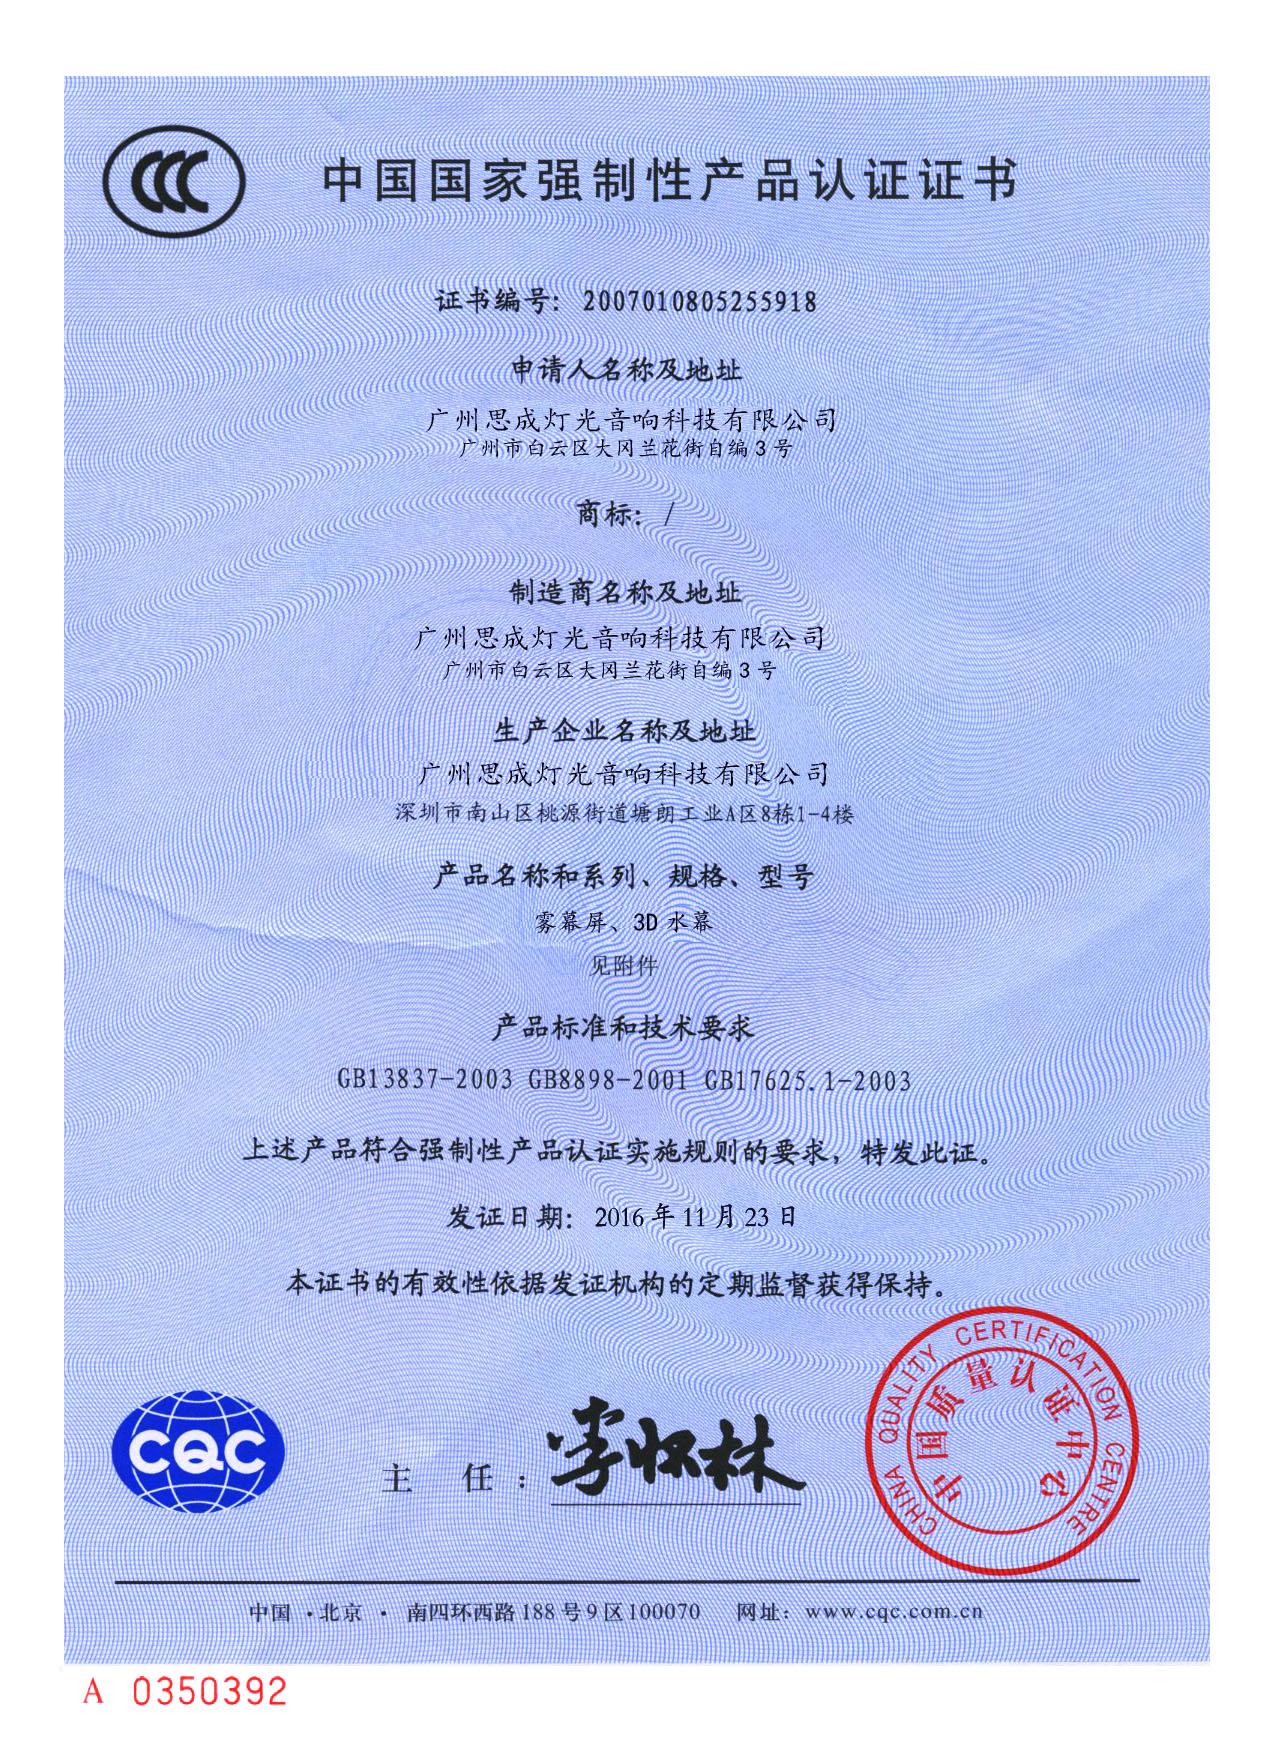 雾幕机3C认证证书